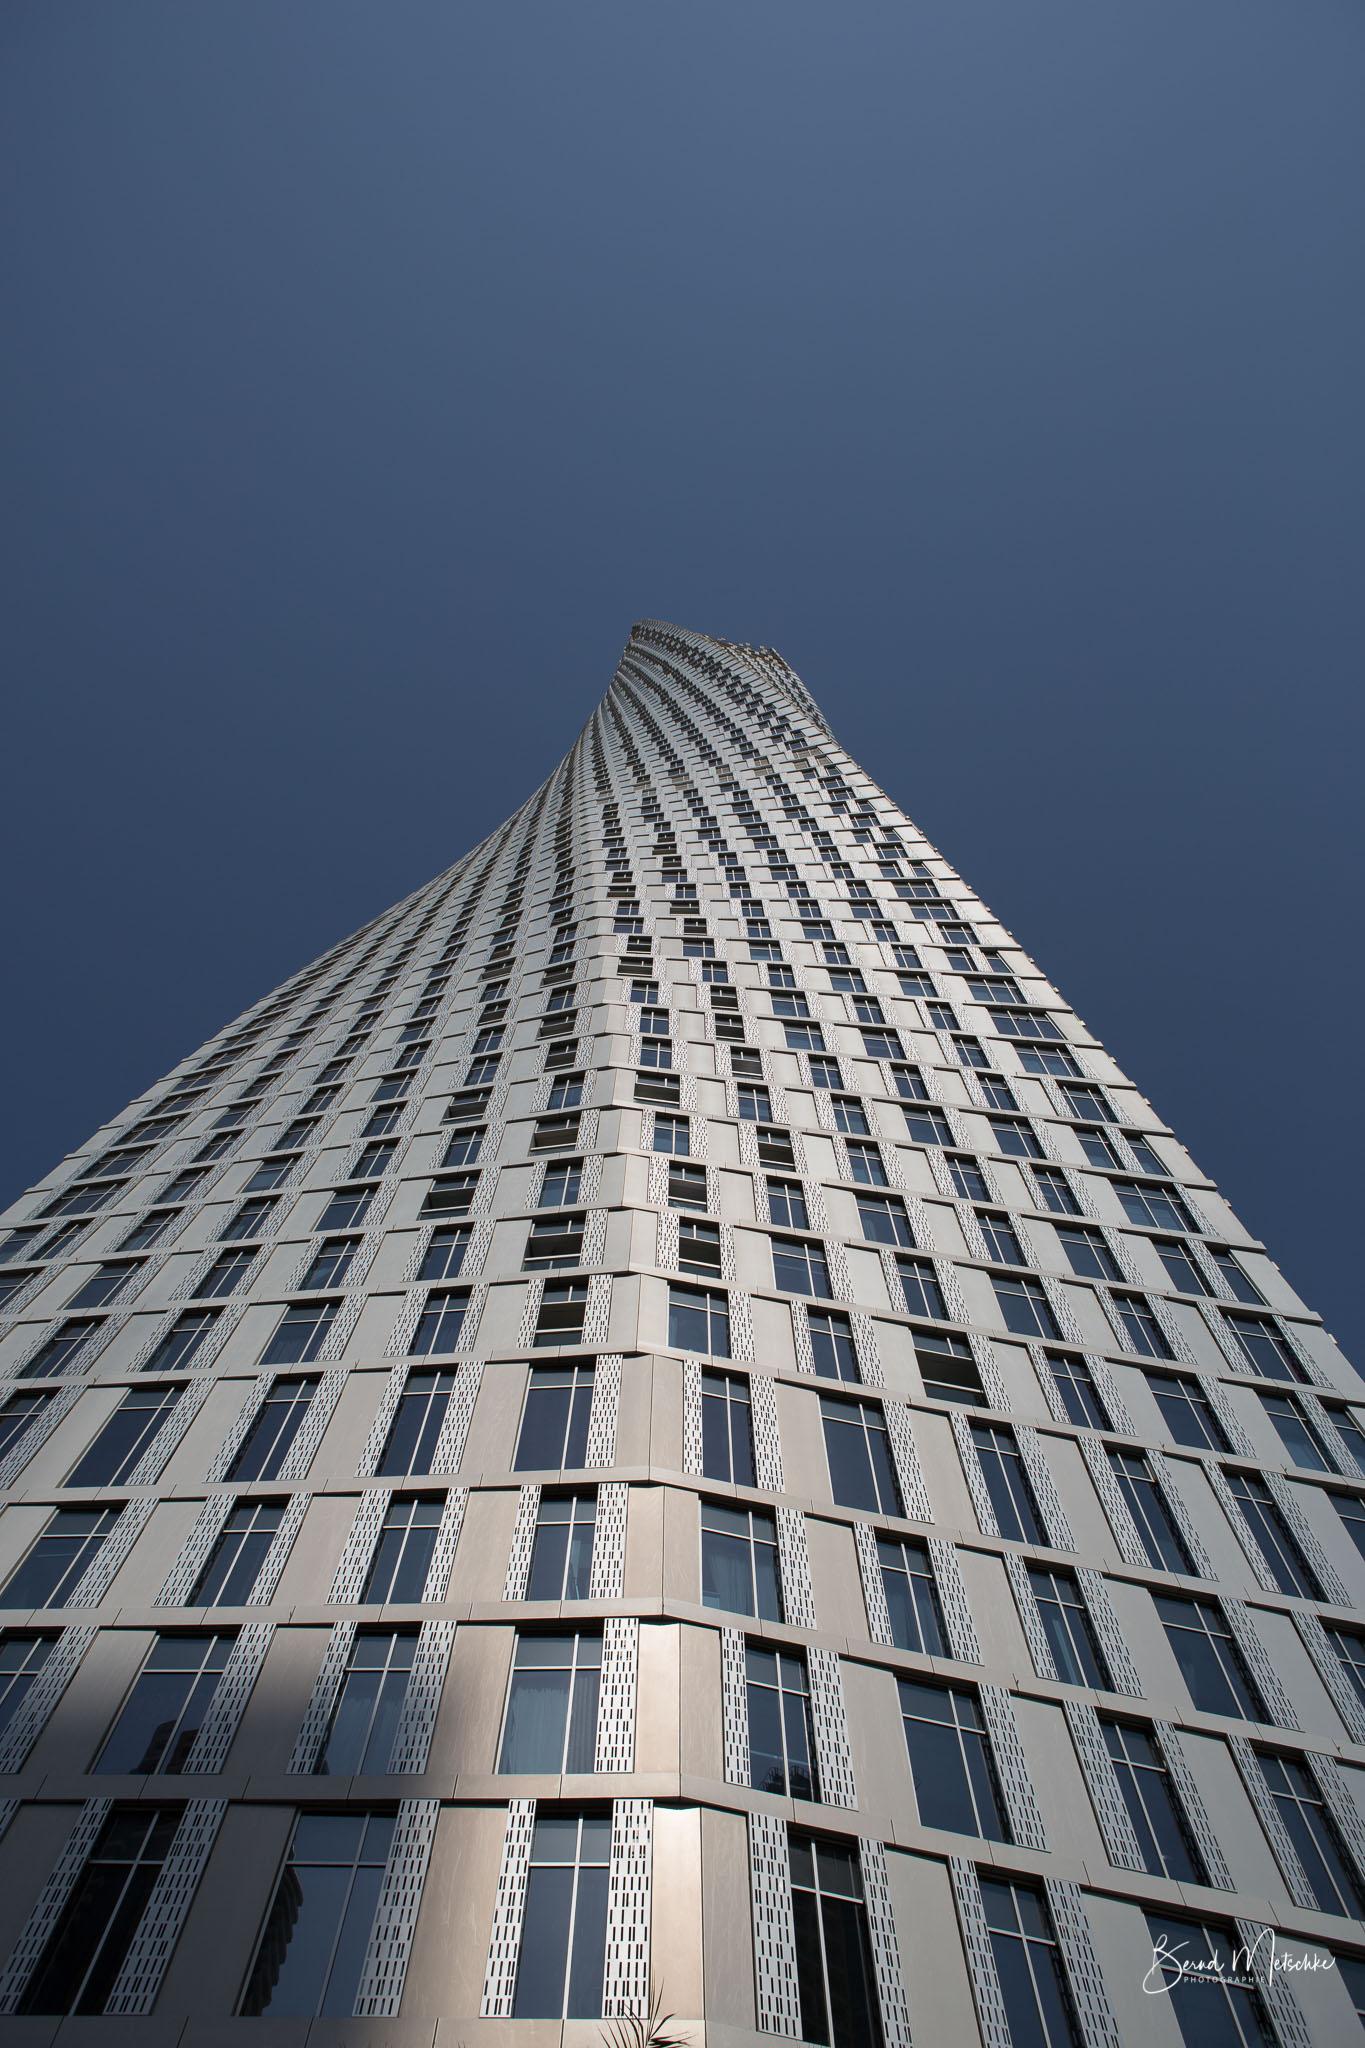 """Dubai steckt voller architektonischer Wunder. Eines davon ist das """"gedrehte Hochhaus"""". Der 75-stöckige Cayan Tower ist das höchste Gebäude der Welt mit einer 90-Grad-Drehung: Jedes der Stockwerke ist gegenüber dem vorherigen um genau 1,2 Grad verdreht, so"""